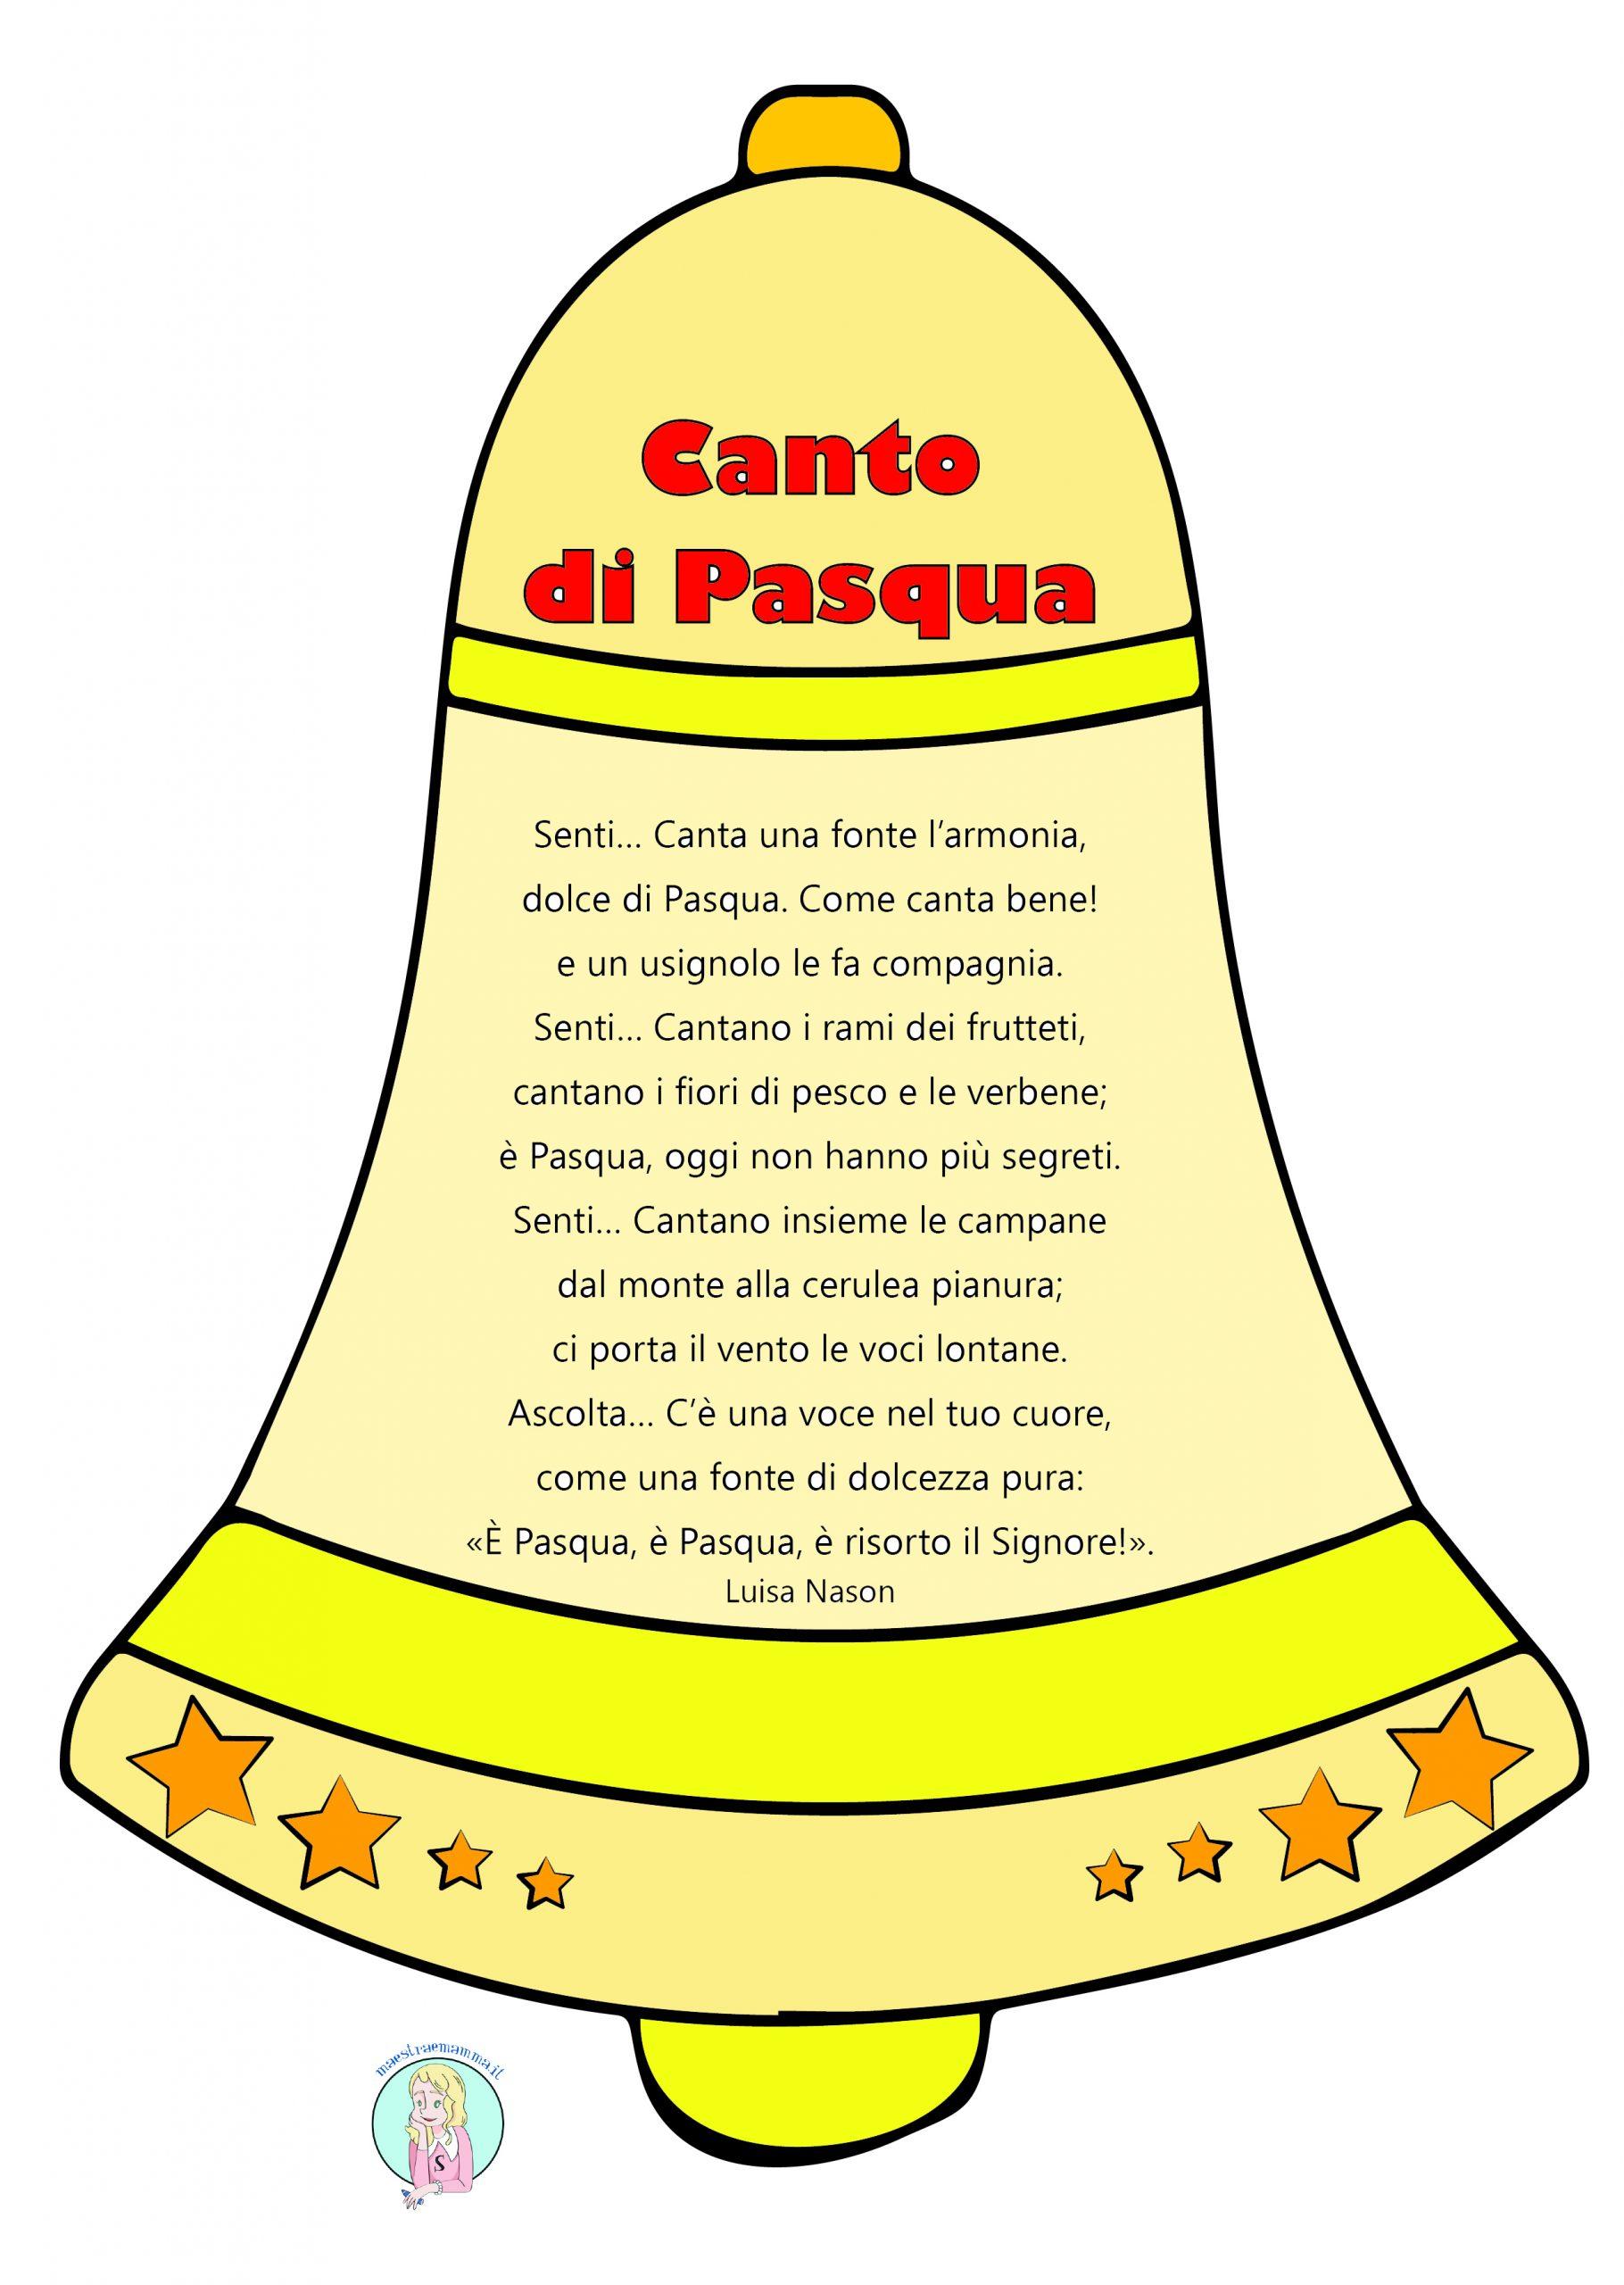 poesia canto di pasqua di Luisa Nason con campana